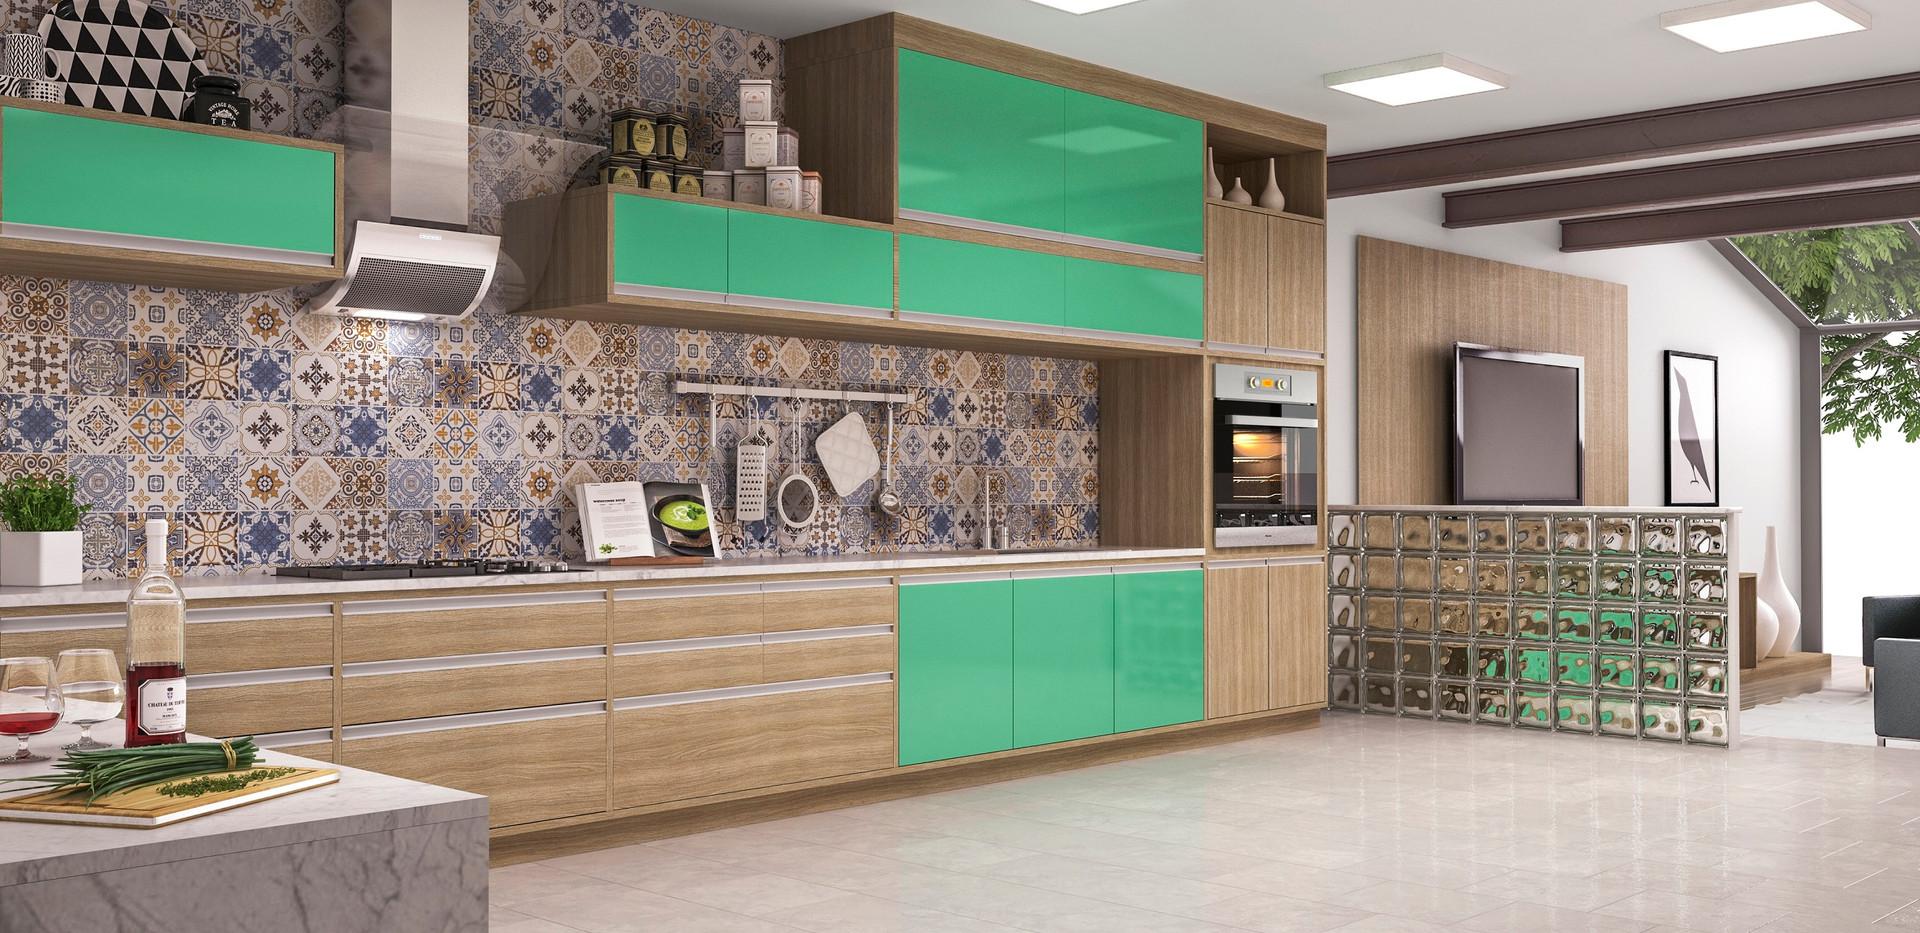 coz12 cozinha planejada verde canto torr